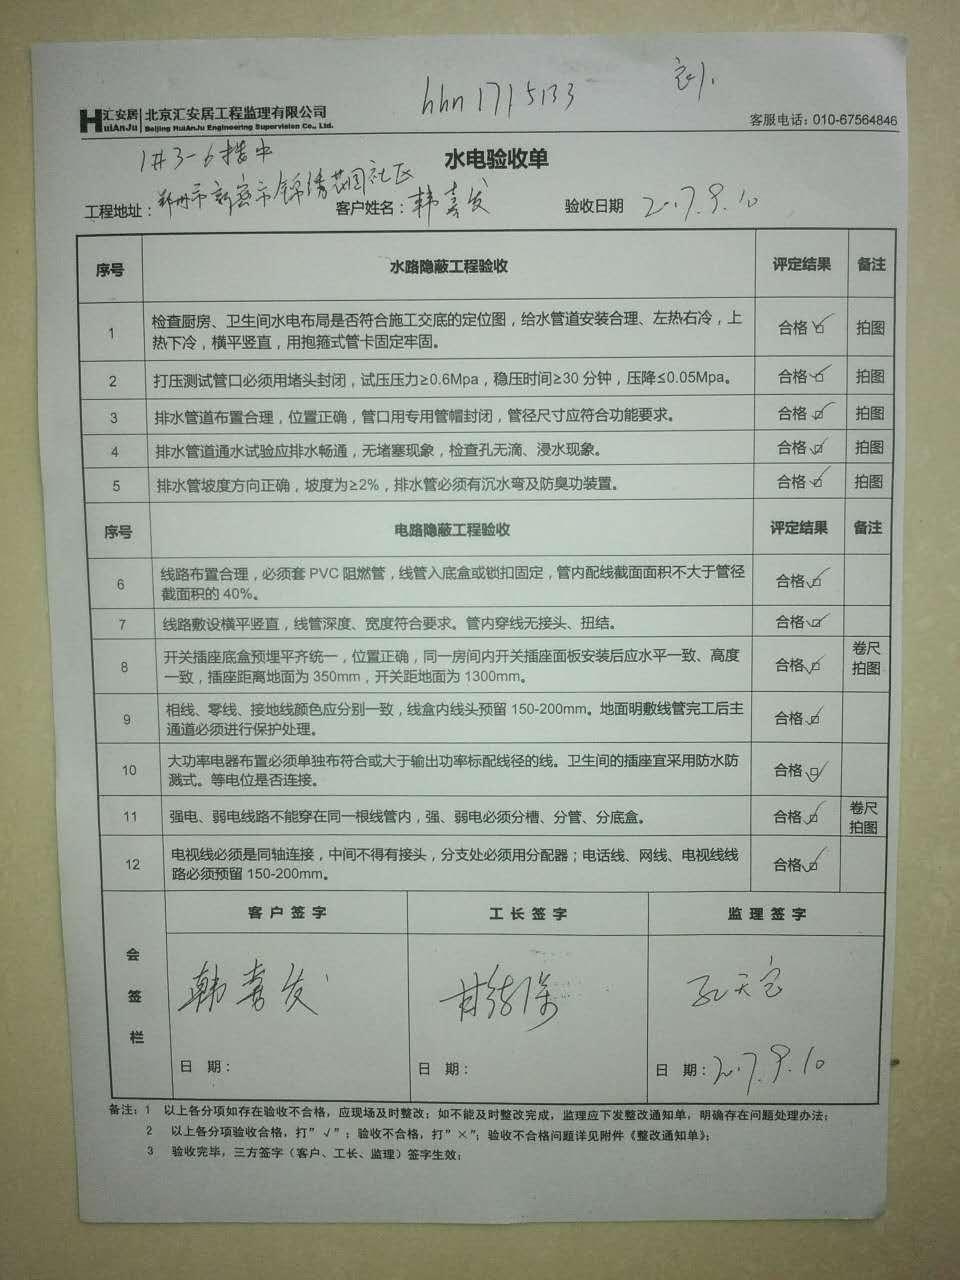 【监理报告】新密市 锦绣花园社区